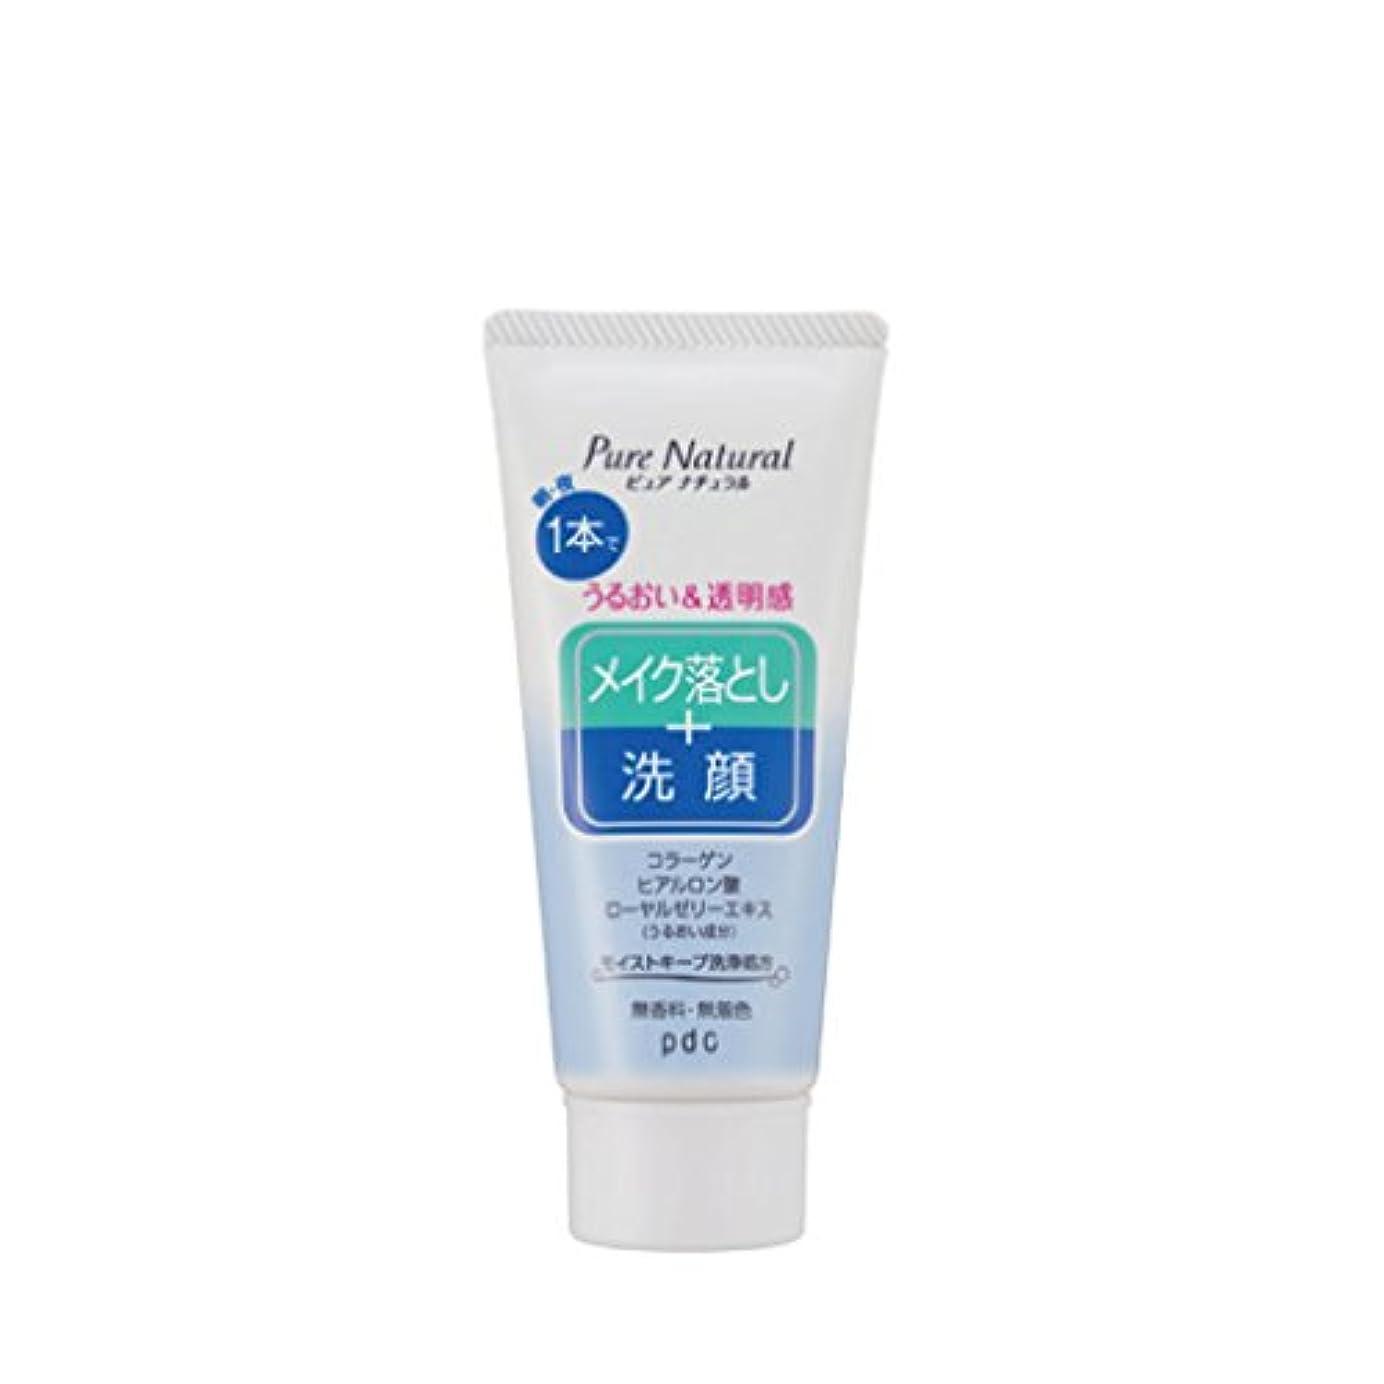 完了ワット甘美なPure NATURAL(ピュアナチュラル) クレンジング洗顔 (ミニサイズ) 70g